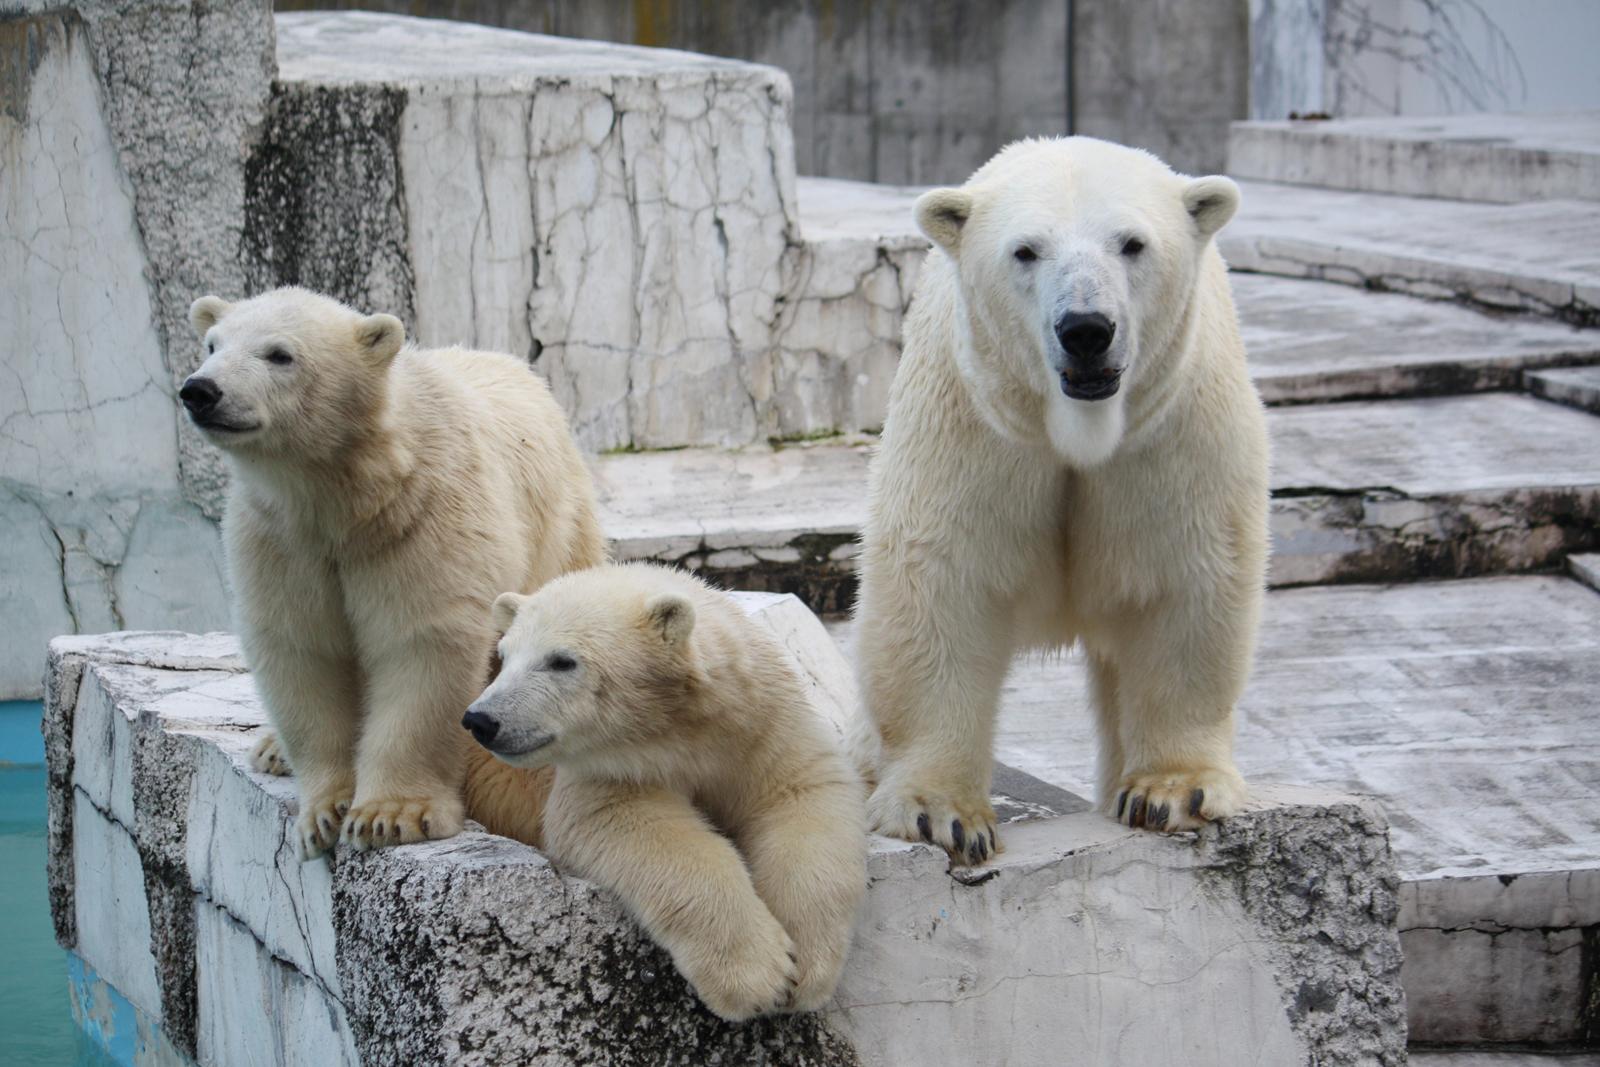 大人も子どもも夢中に 札幌国際短編映画祭PR上映会 円山動物園 (7/30) 札幌